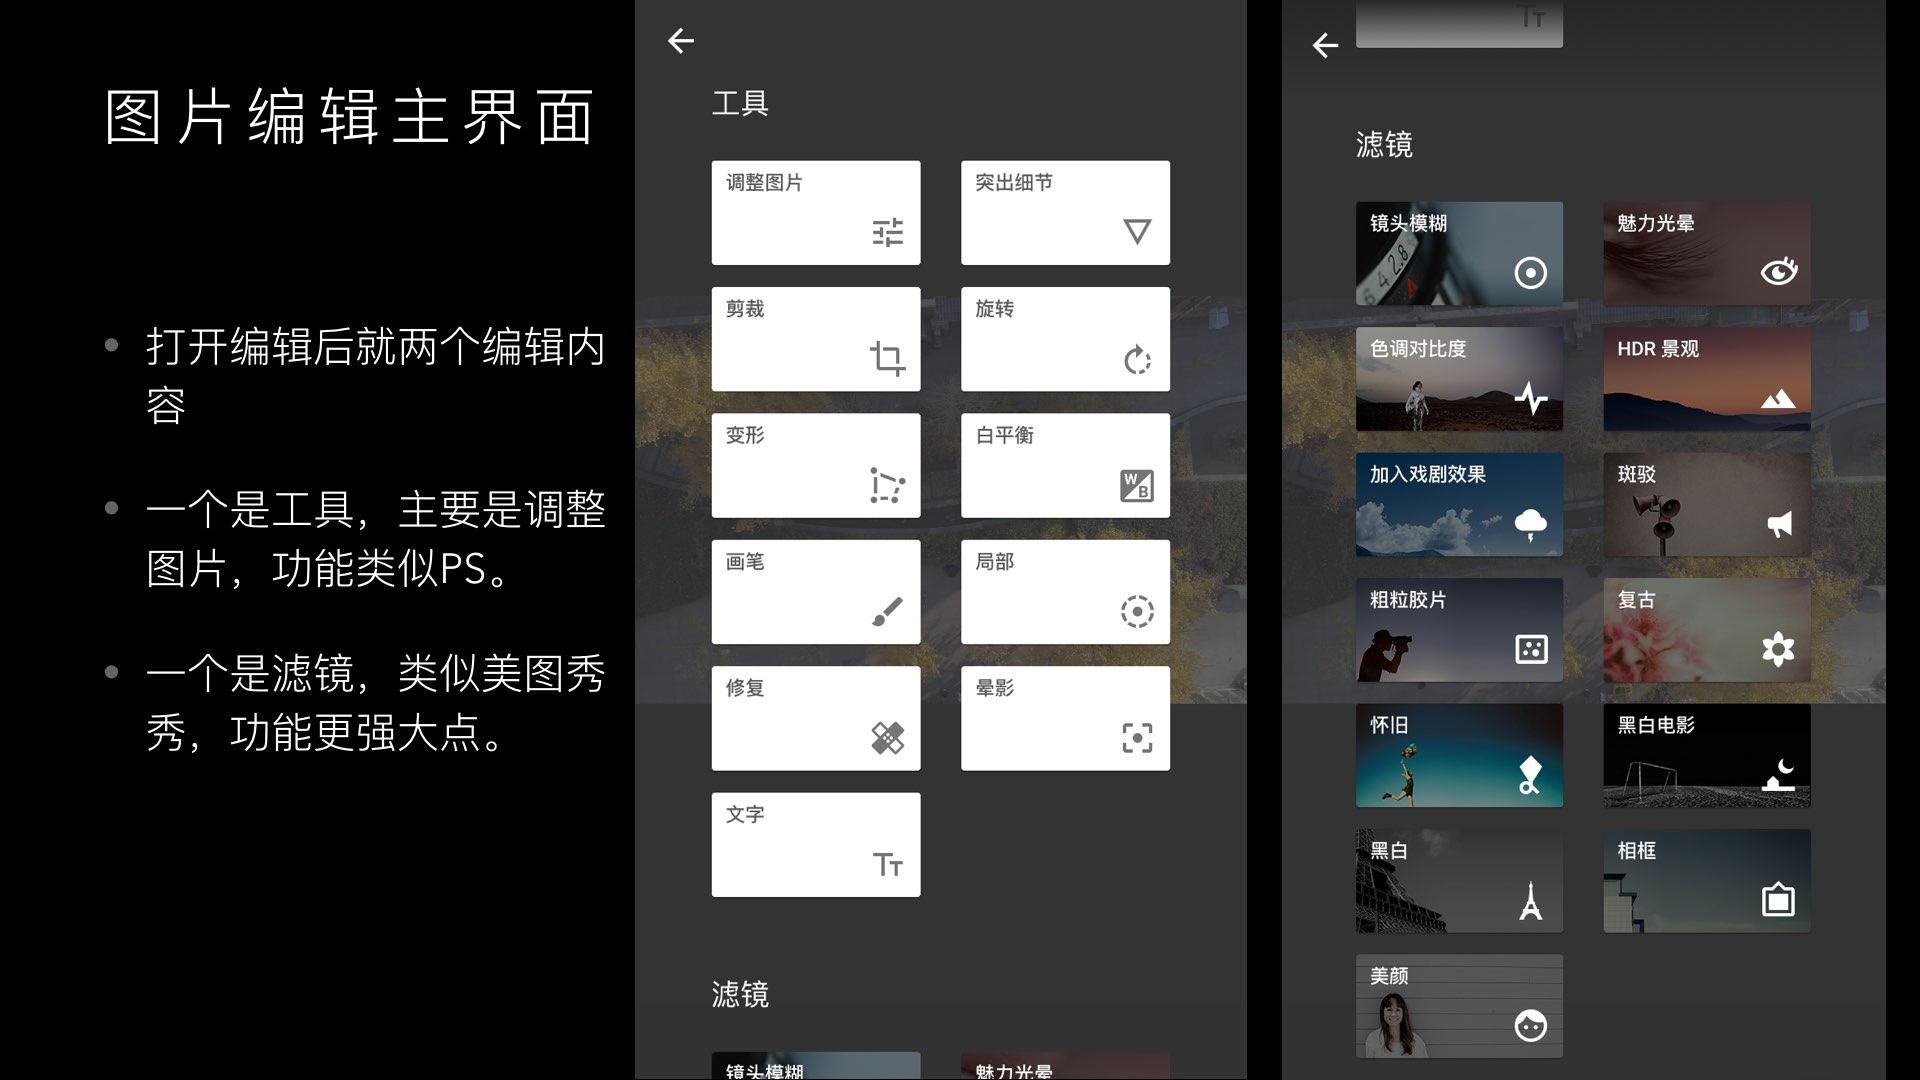 化腐朽为神奇,Snapseed图片编辑教程.006.jpeg